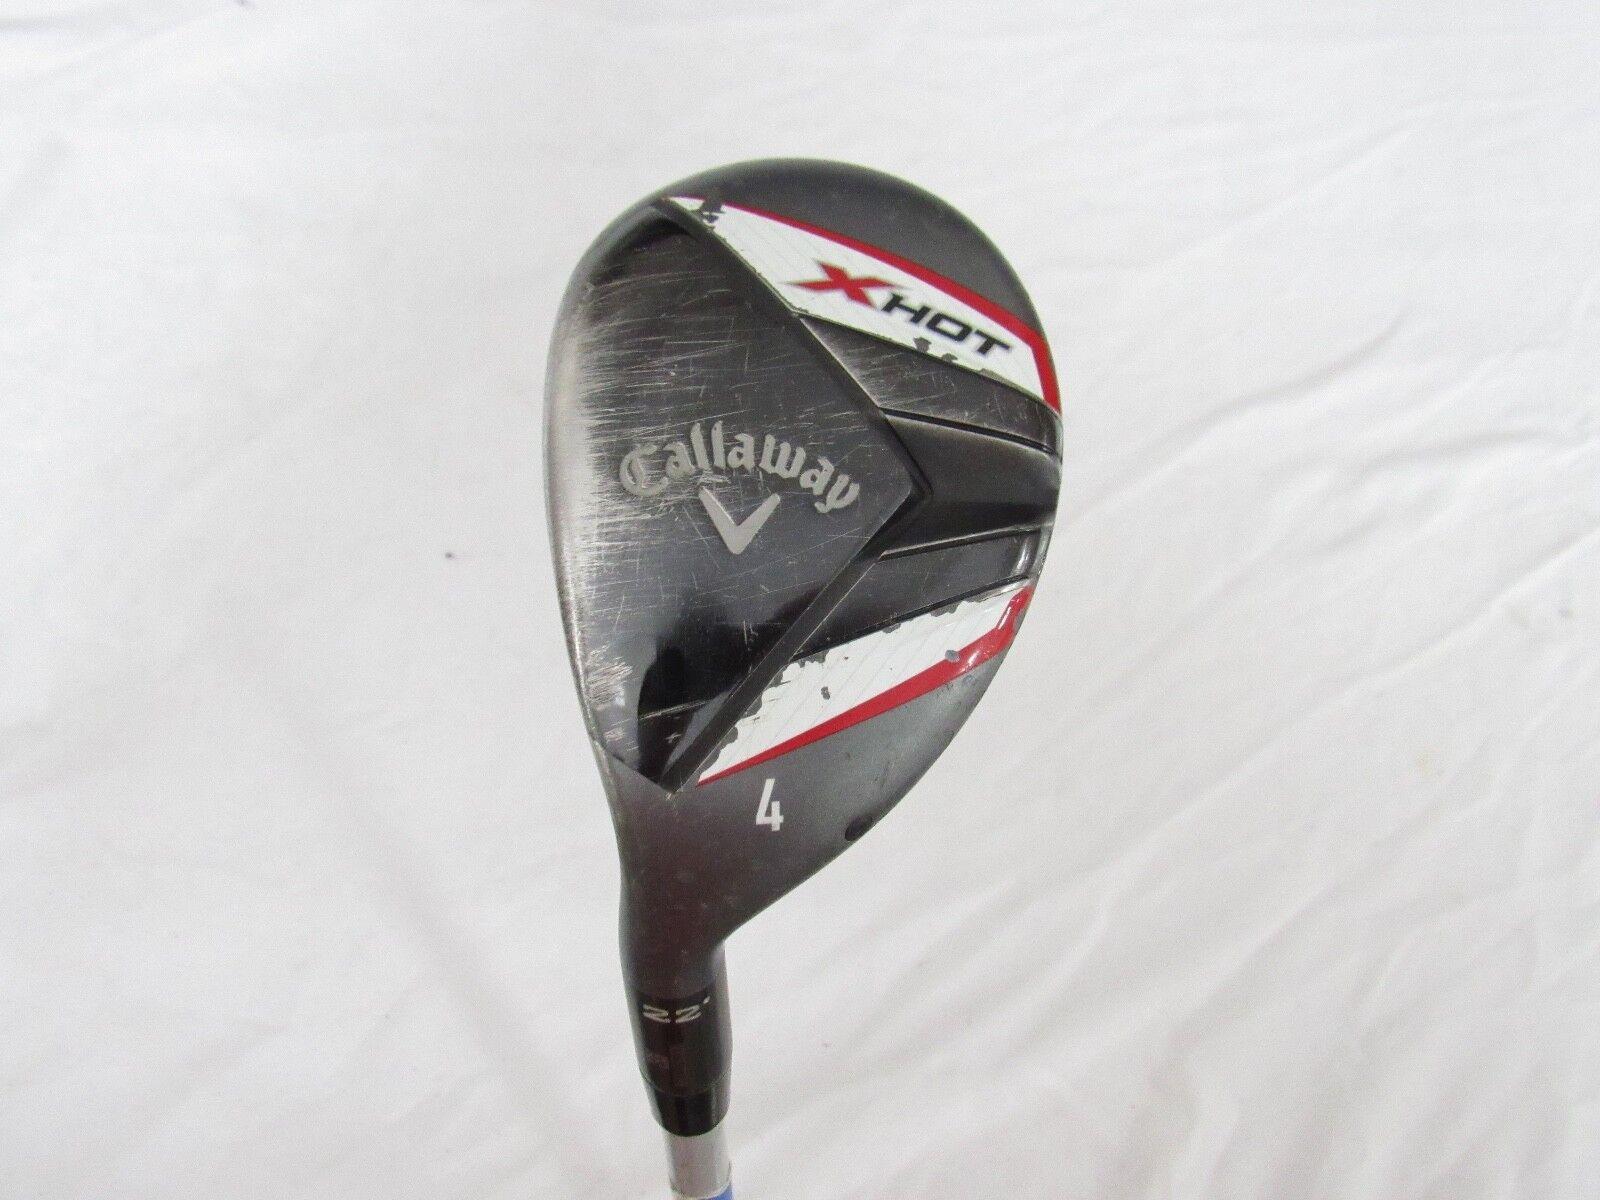 Callaway  X-Caliente usado 22 ° 4 híbrido Callaway X-Hot H-65g regular Flex de grafito  orden ahora con gran descuento y entrega gratuita